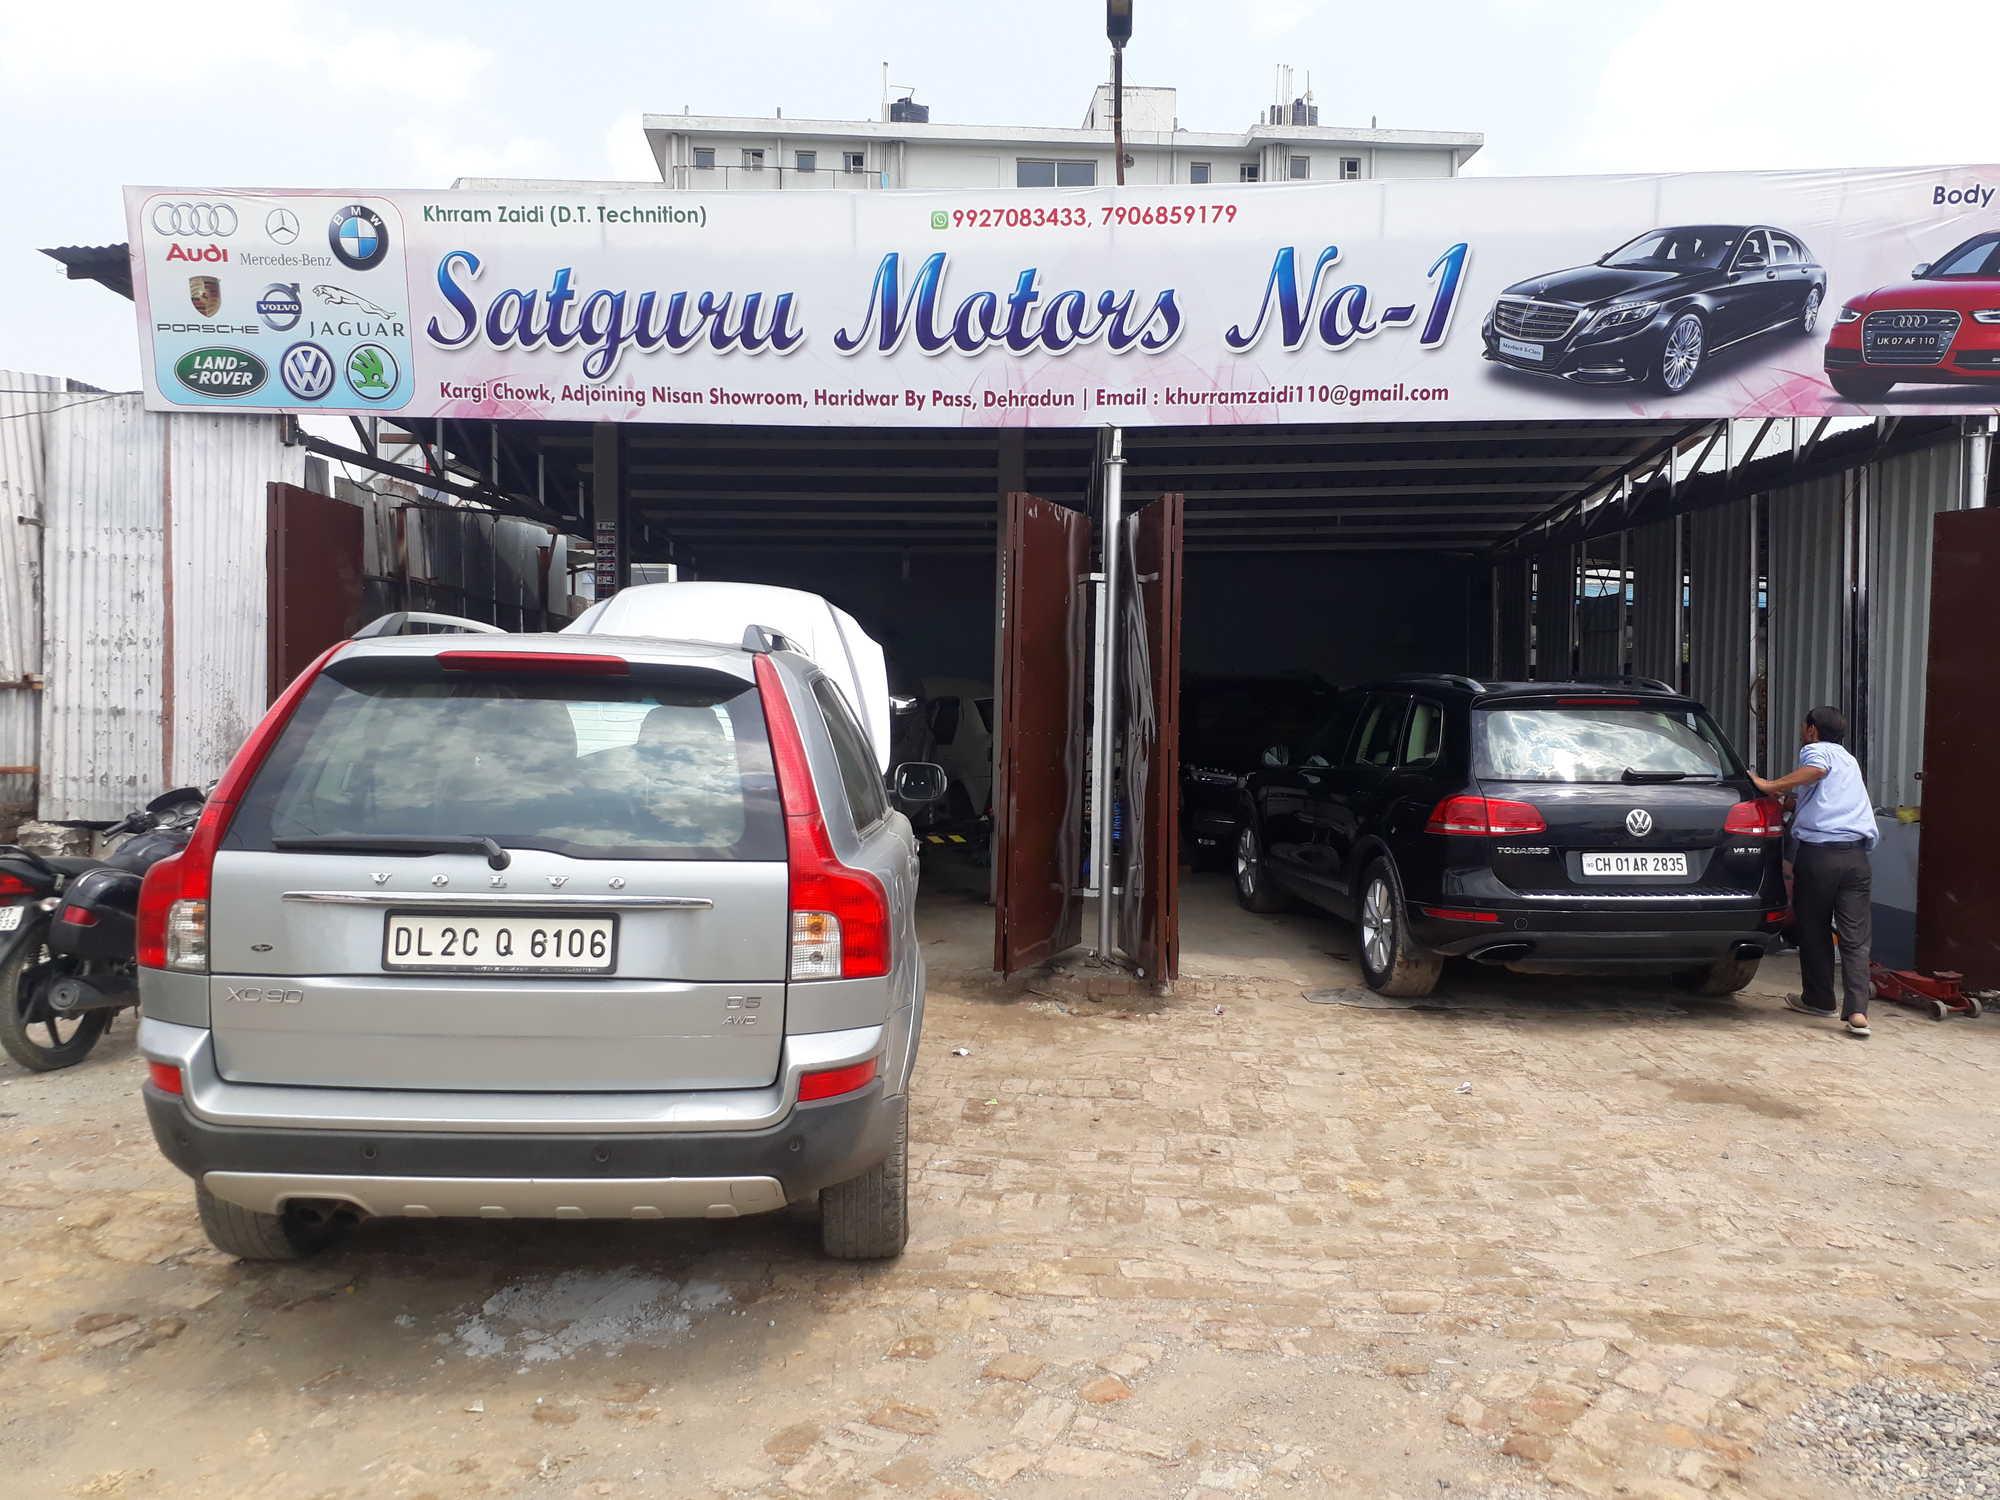 Audi Car Repair Services Dehradun Justdial - Audi car repair